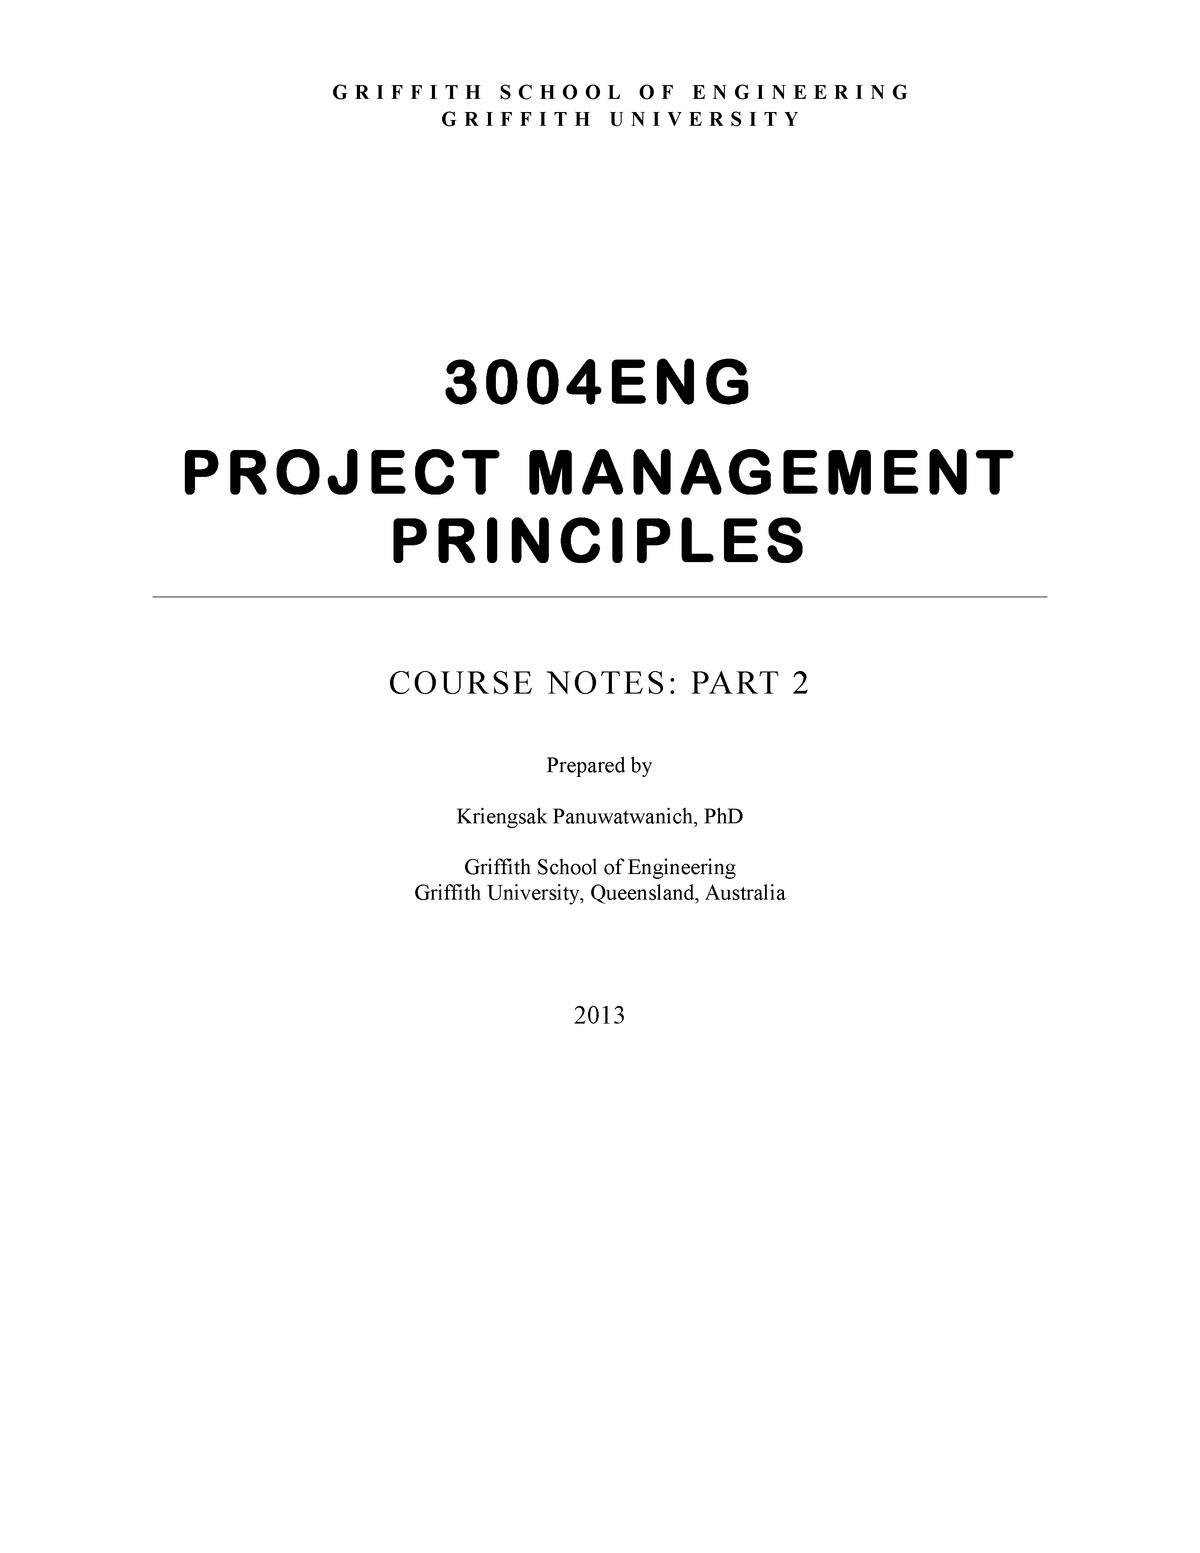 Lecture notes - project management principles course notes part 2